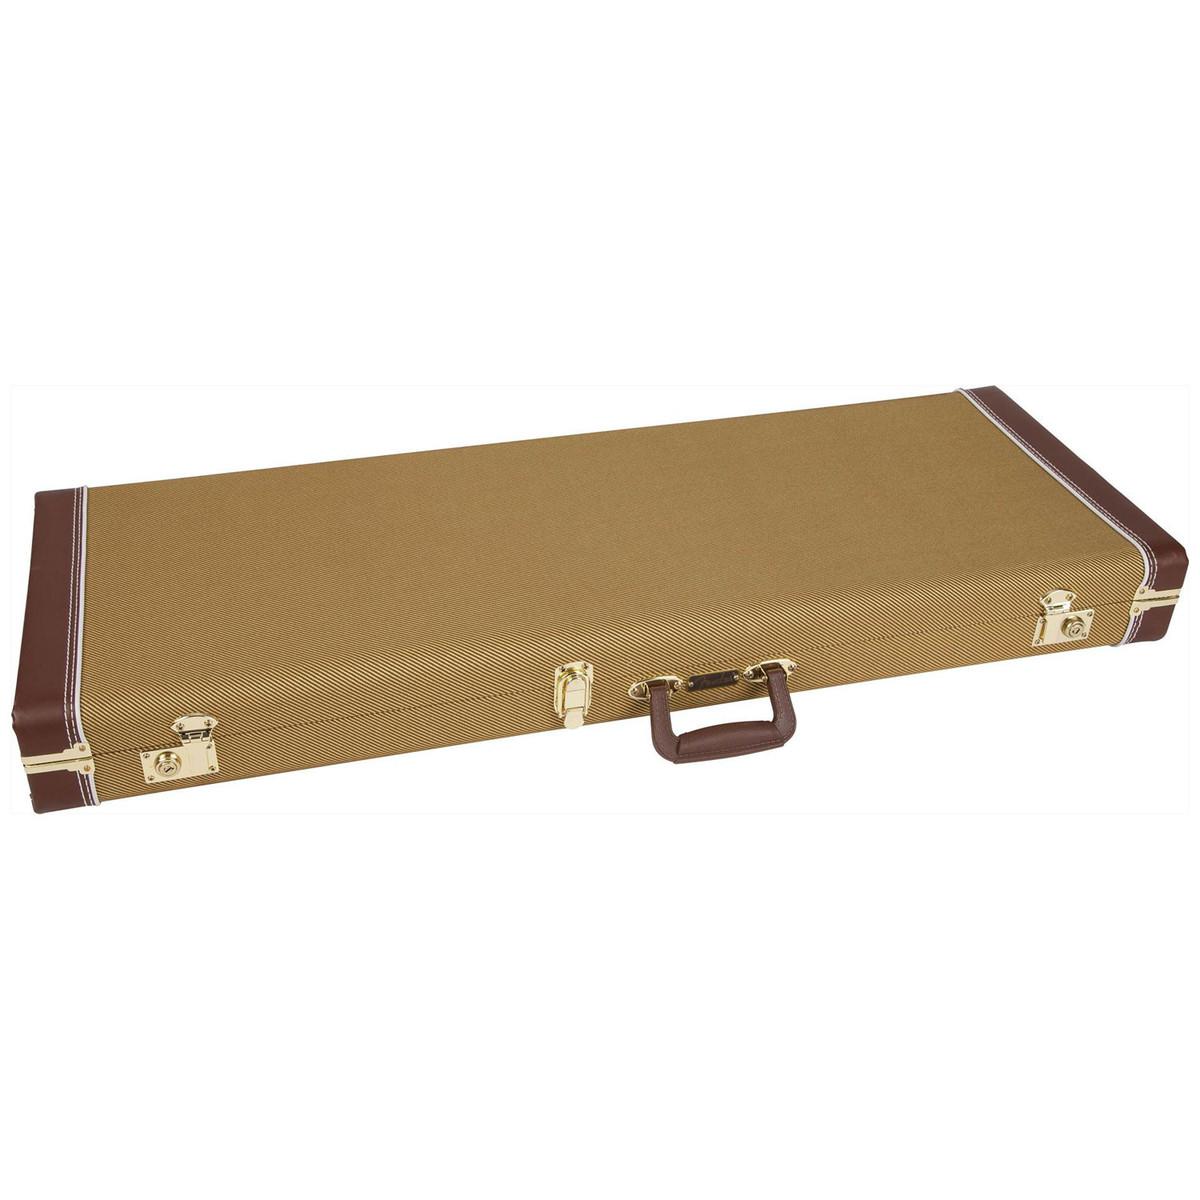 fender pro stratocaster telecaster guitar case tweed at gear4music. Black Bedroom Furniture Sets. Home Design Ideas